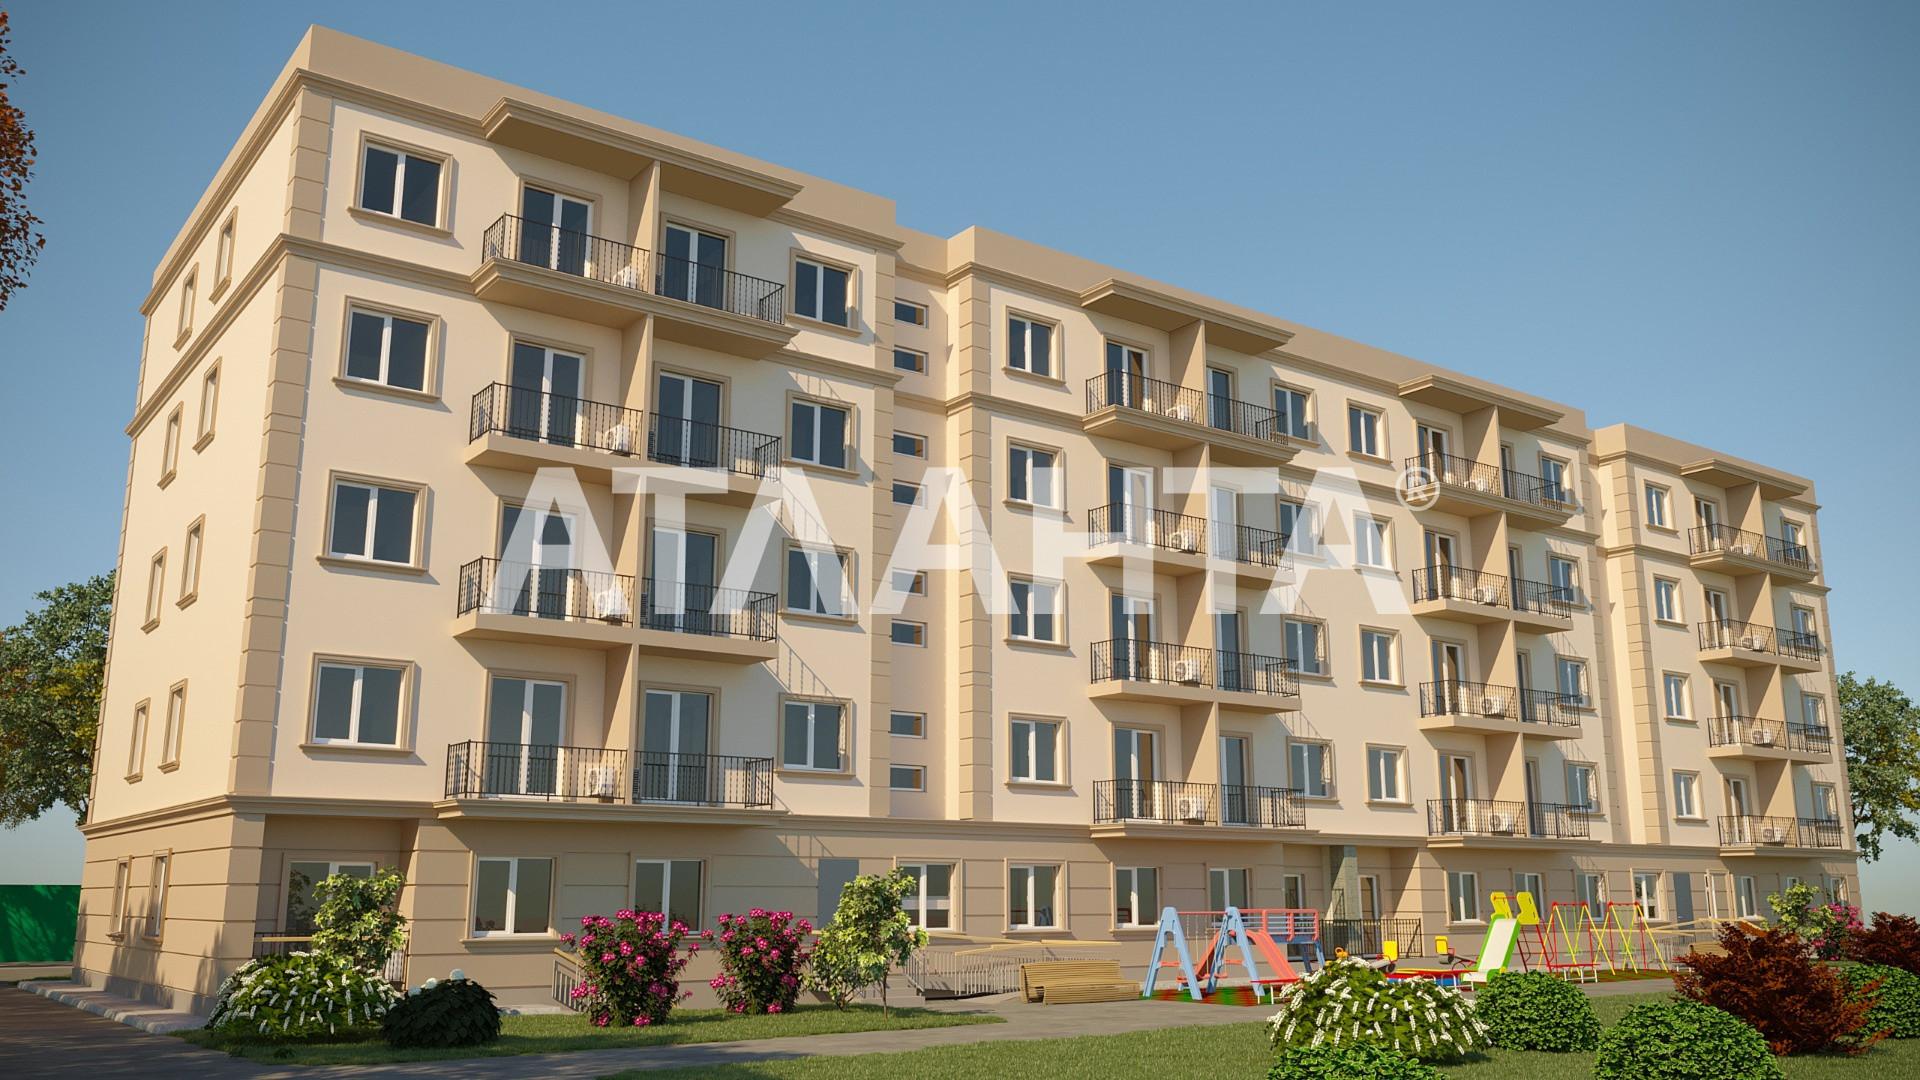 Продается 1-комнатная Квартира на ул. Люстдорфская Дор. (Черноморская Дор.) — 30 180 у.е. (фото №2)